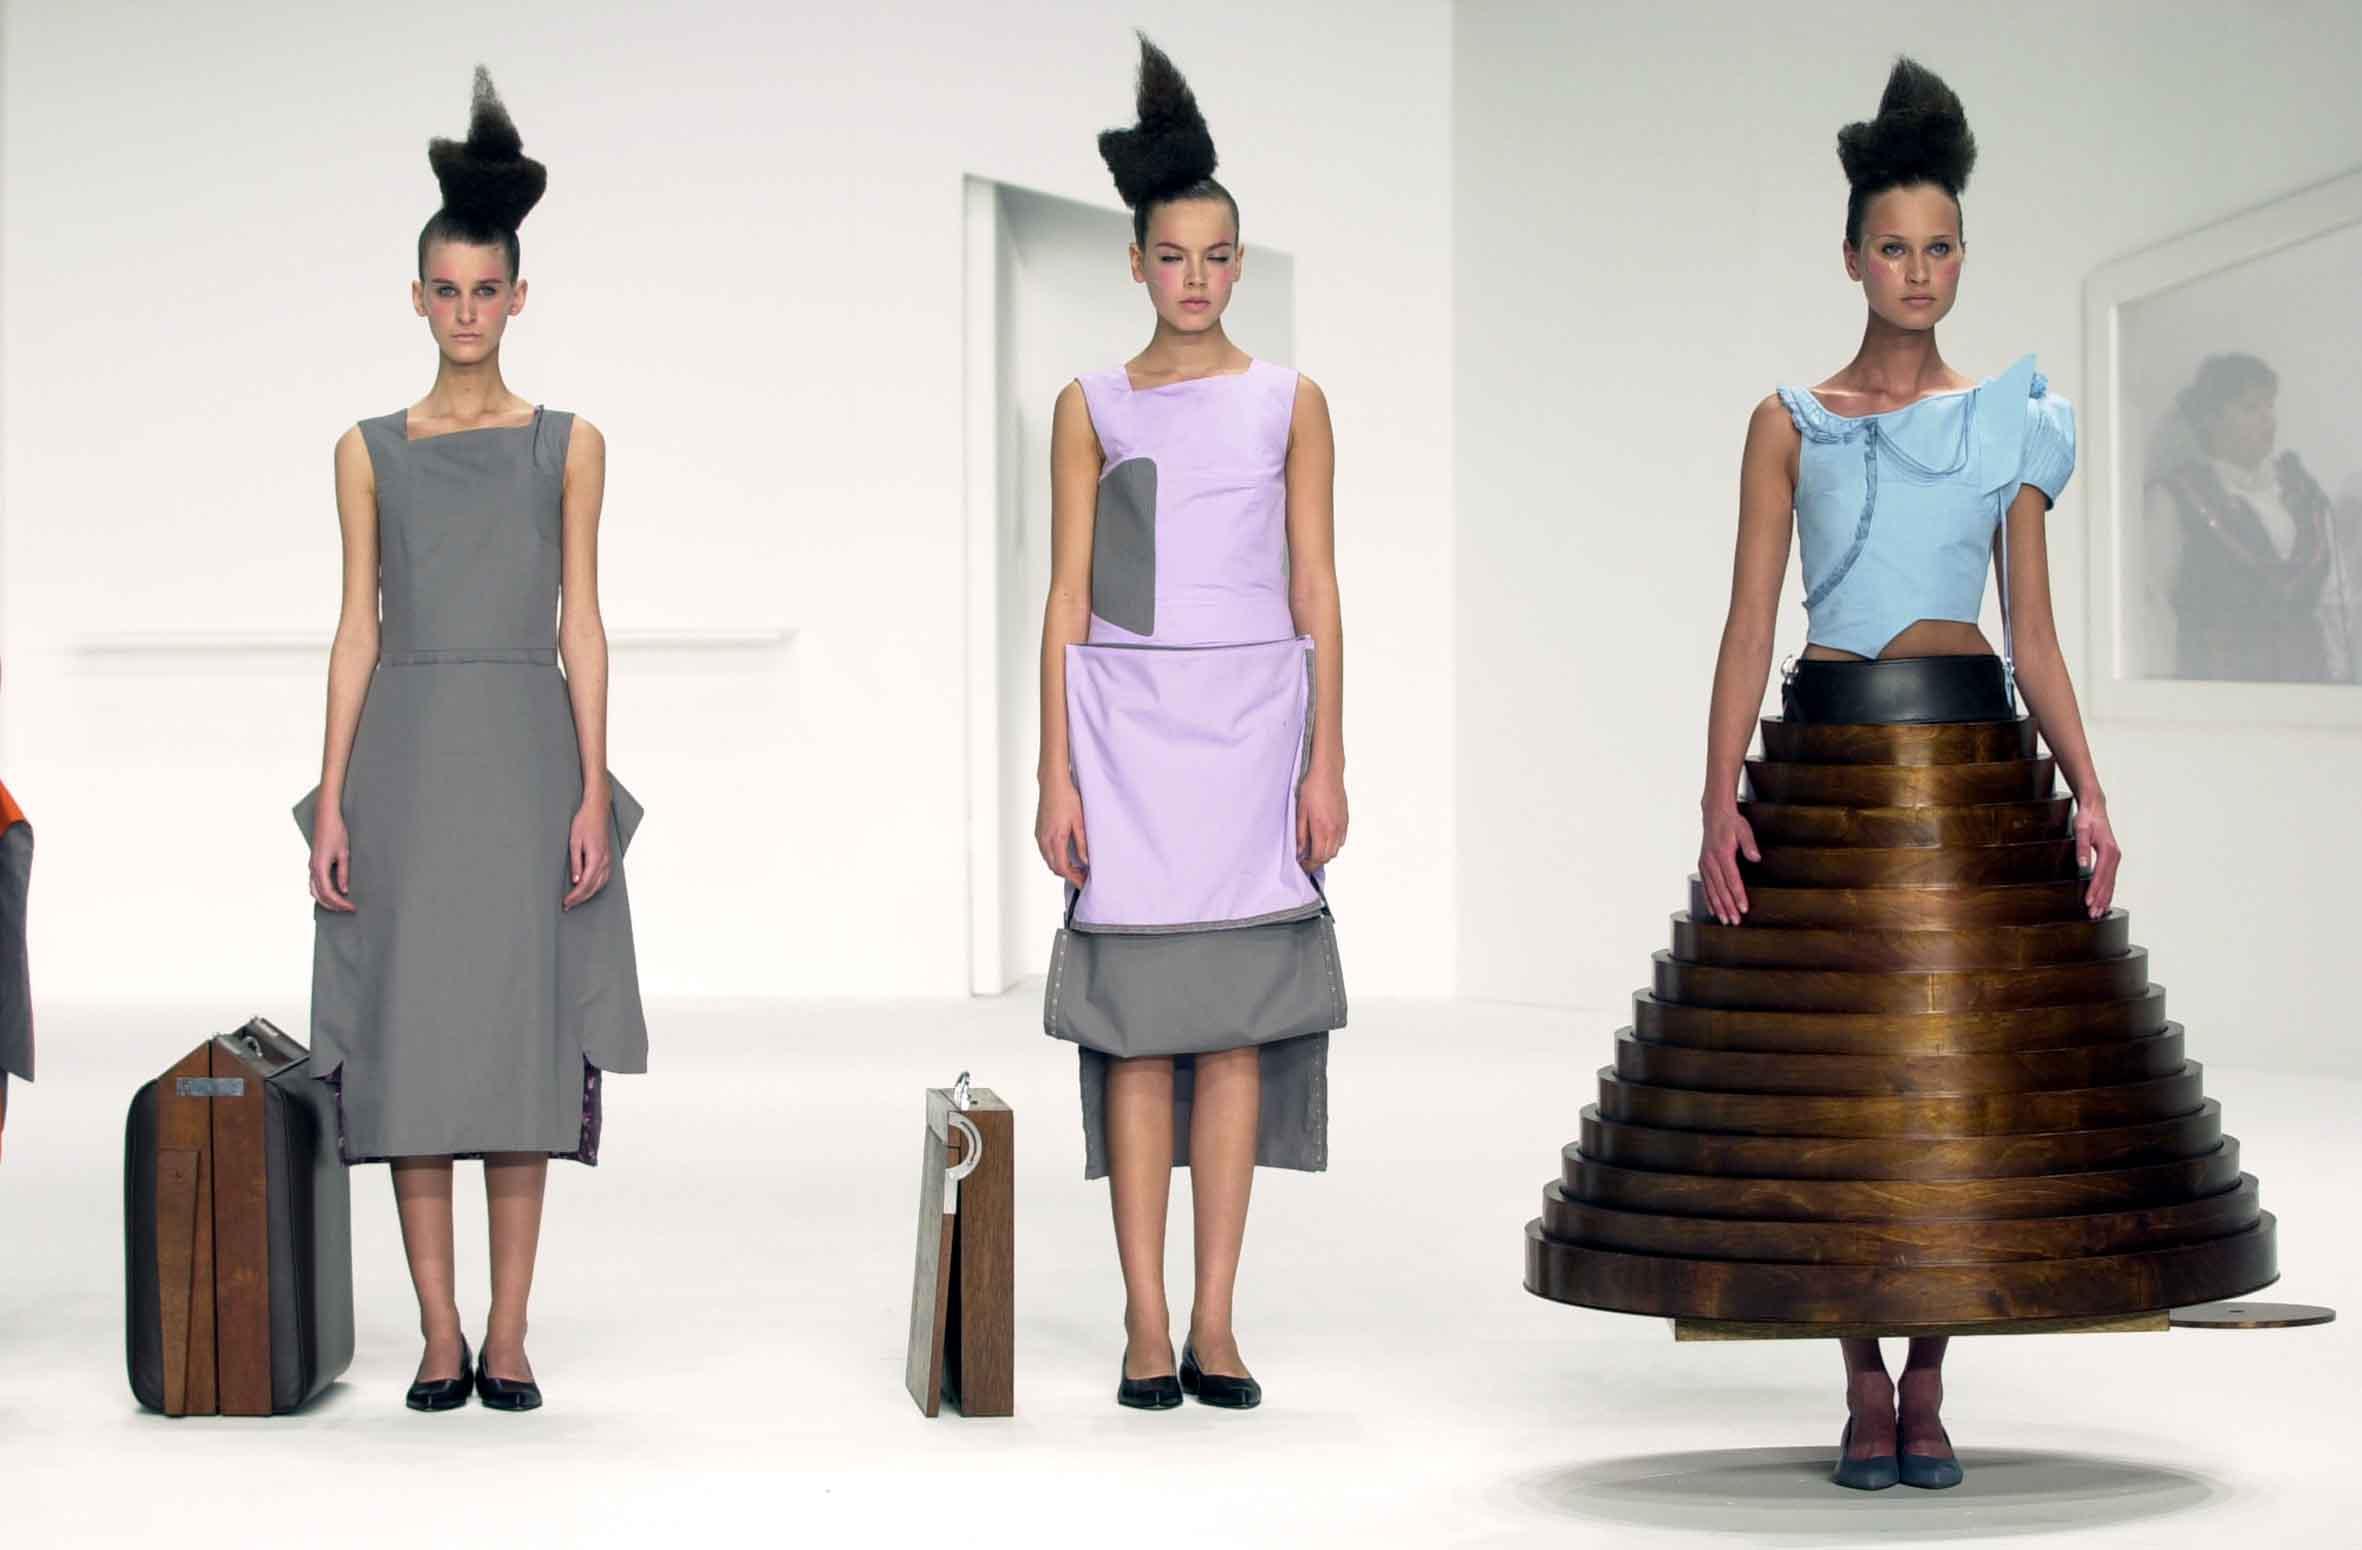 时装设计师:Hussein Chalayan 胡塞因·查拉雅